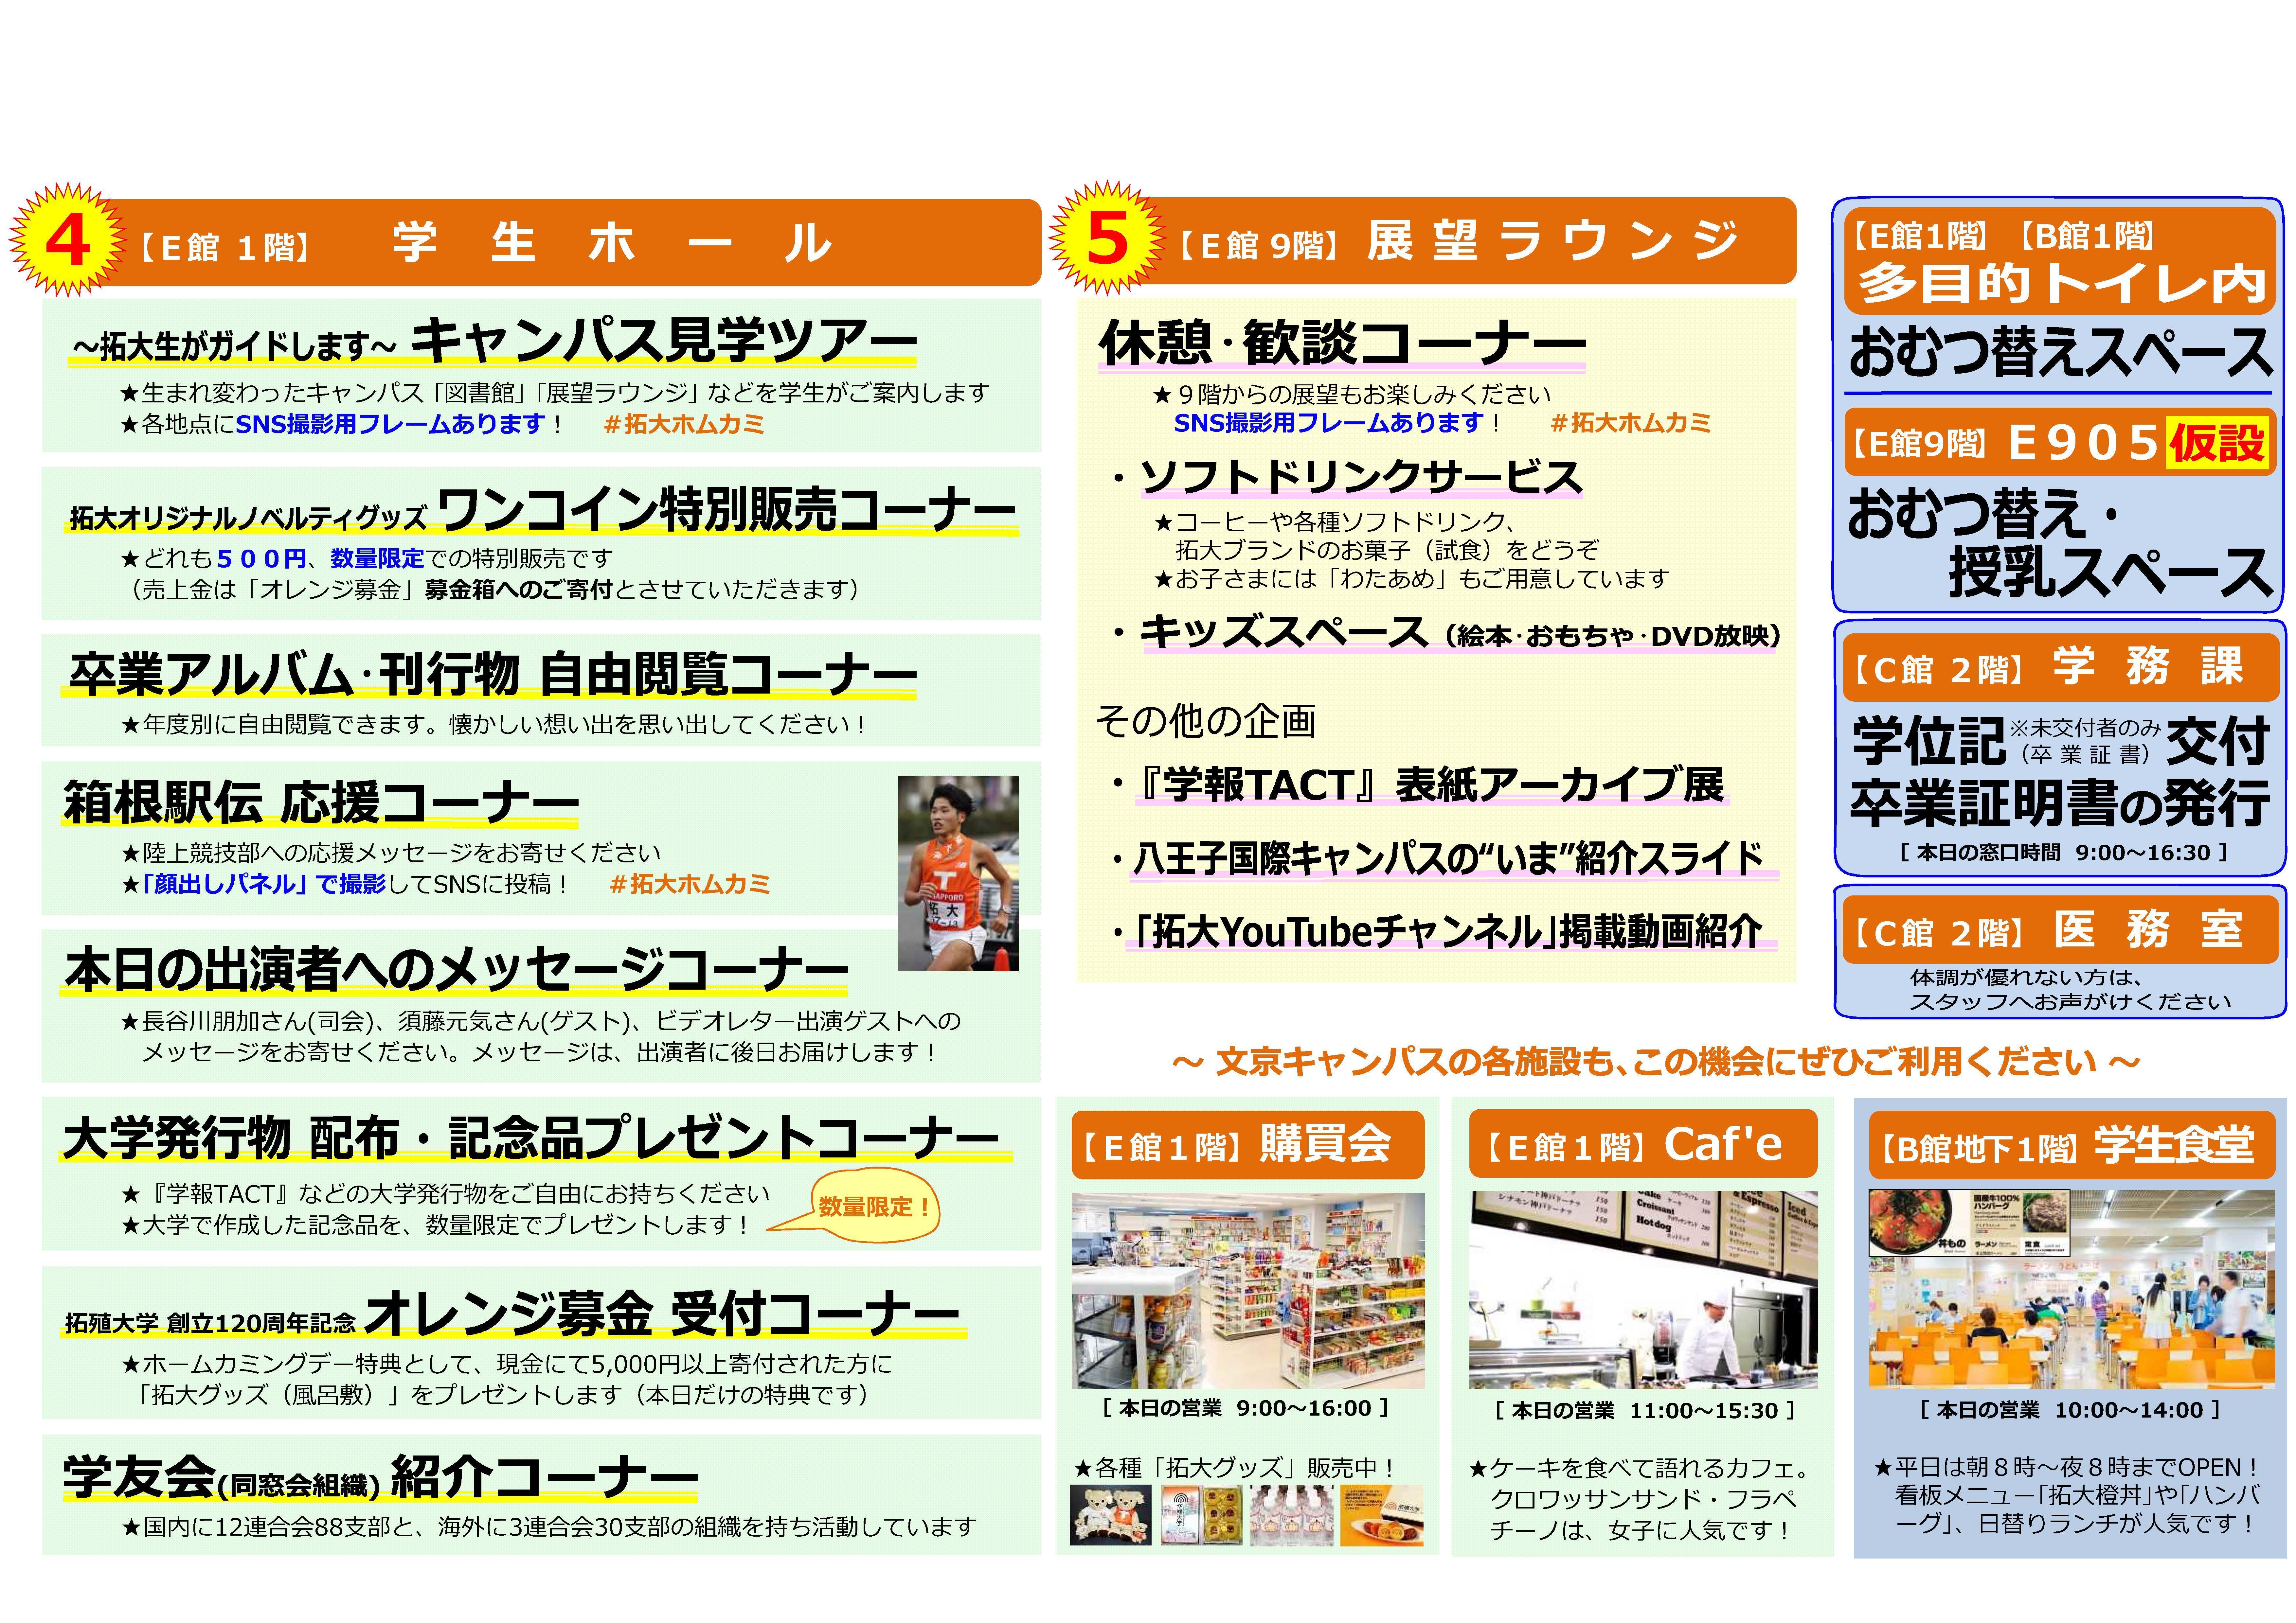 拓殖大学ホームカミングデー2017 当日掲出の「イベント一覧」ポスター (2/2)